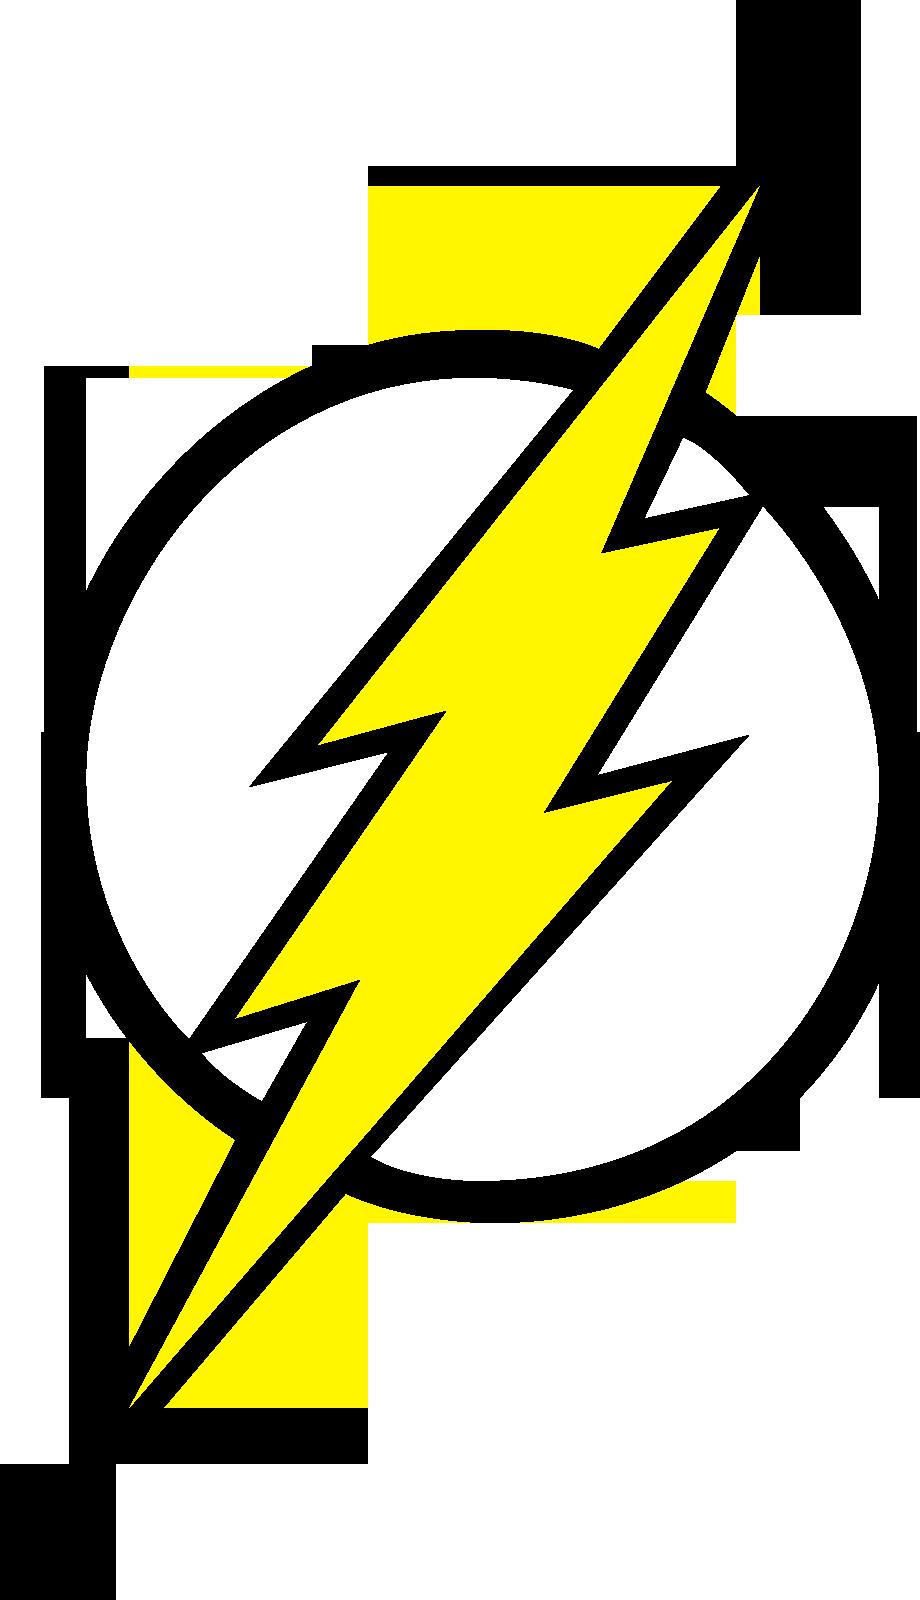 flash logo fill by mr droy on deviantart. Black Bedroom Furniture Sets. Home Design Ideas